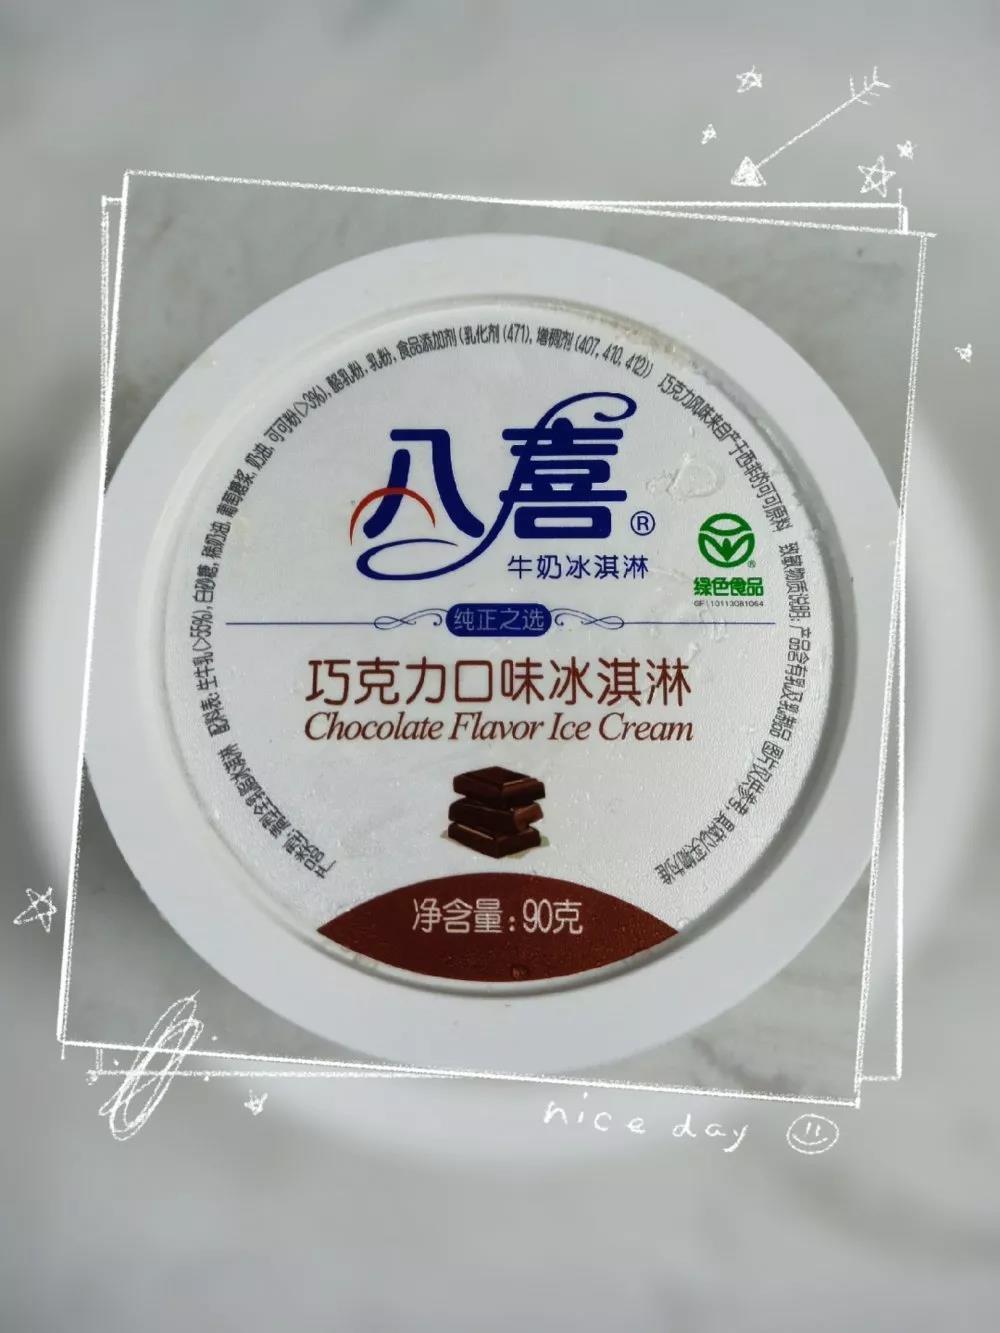 <a href=http://www.audrey-enterp.com/jiaoyuxuekaoyan/jingyan/ target=_blank class=infotextkey><a href=http://www.qsiedu.com/jiaoyuxuekaoyan/ target=_blank class=infotextkey>教育学考研</a>经验</a>